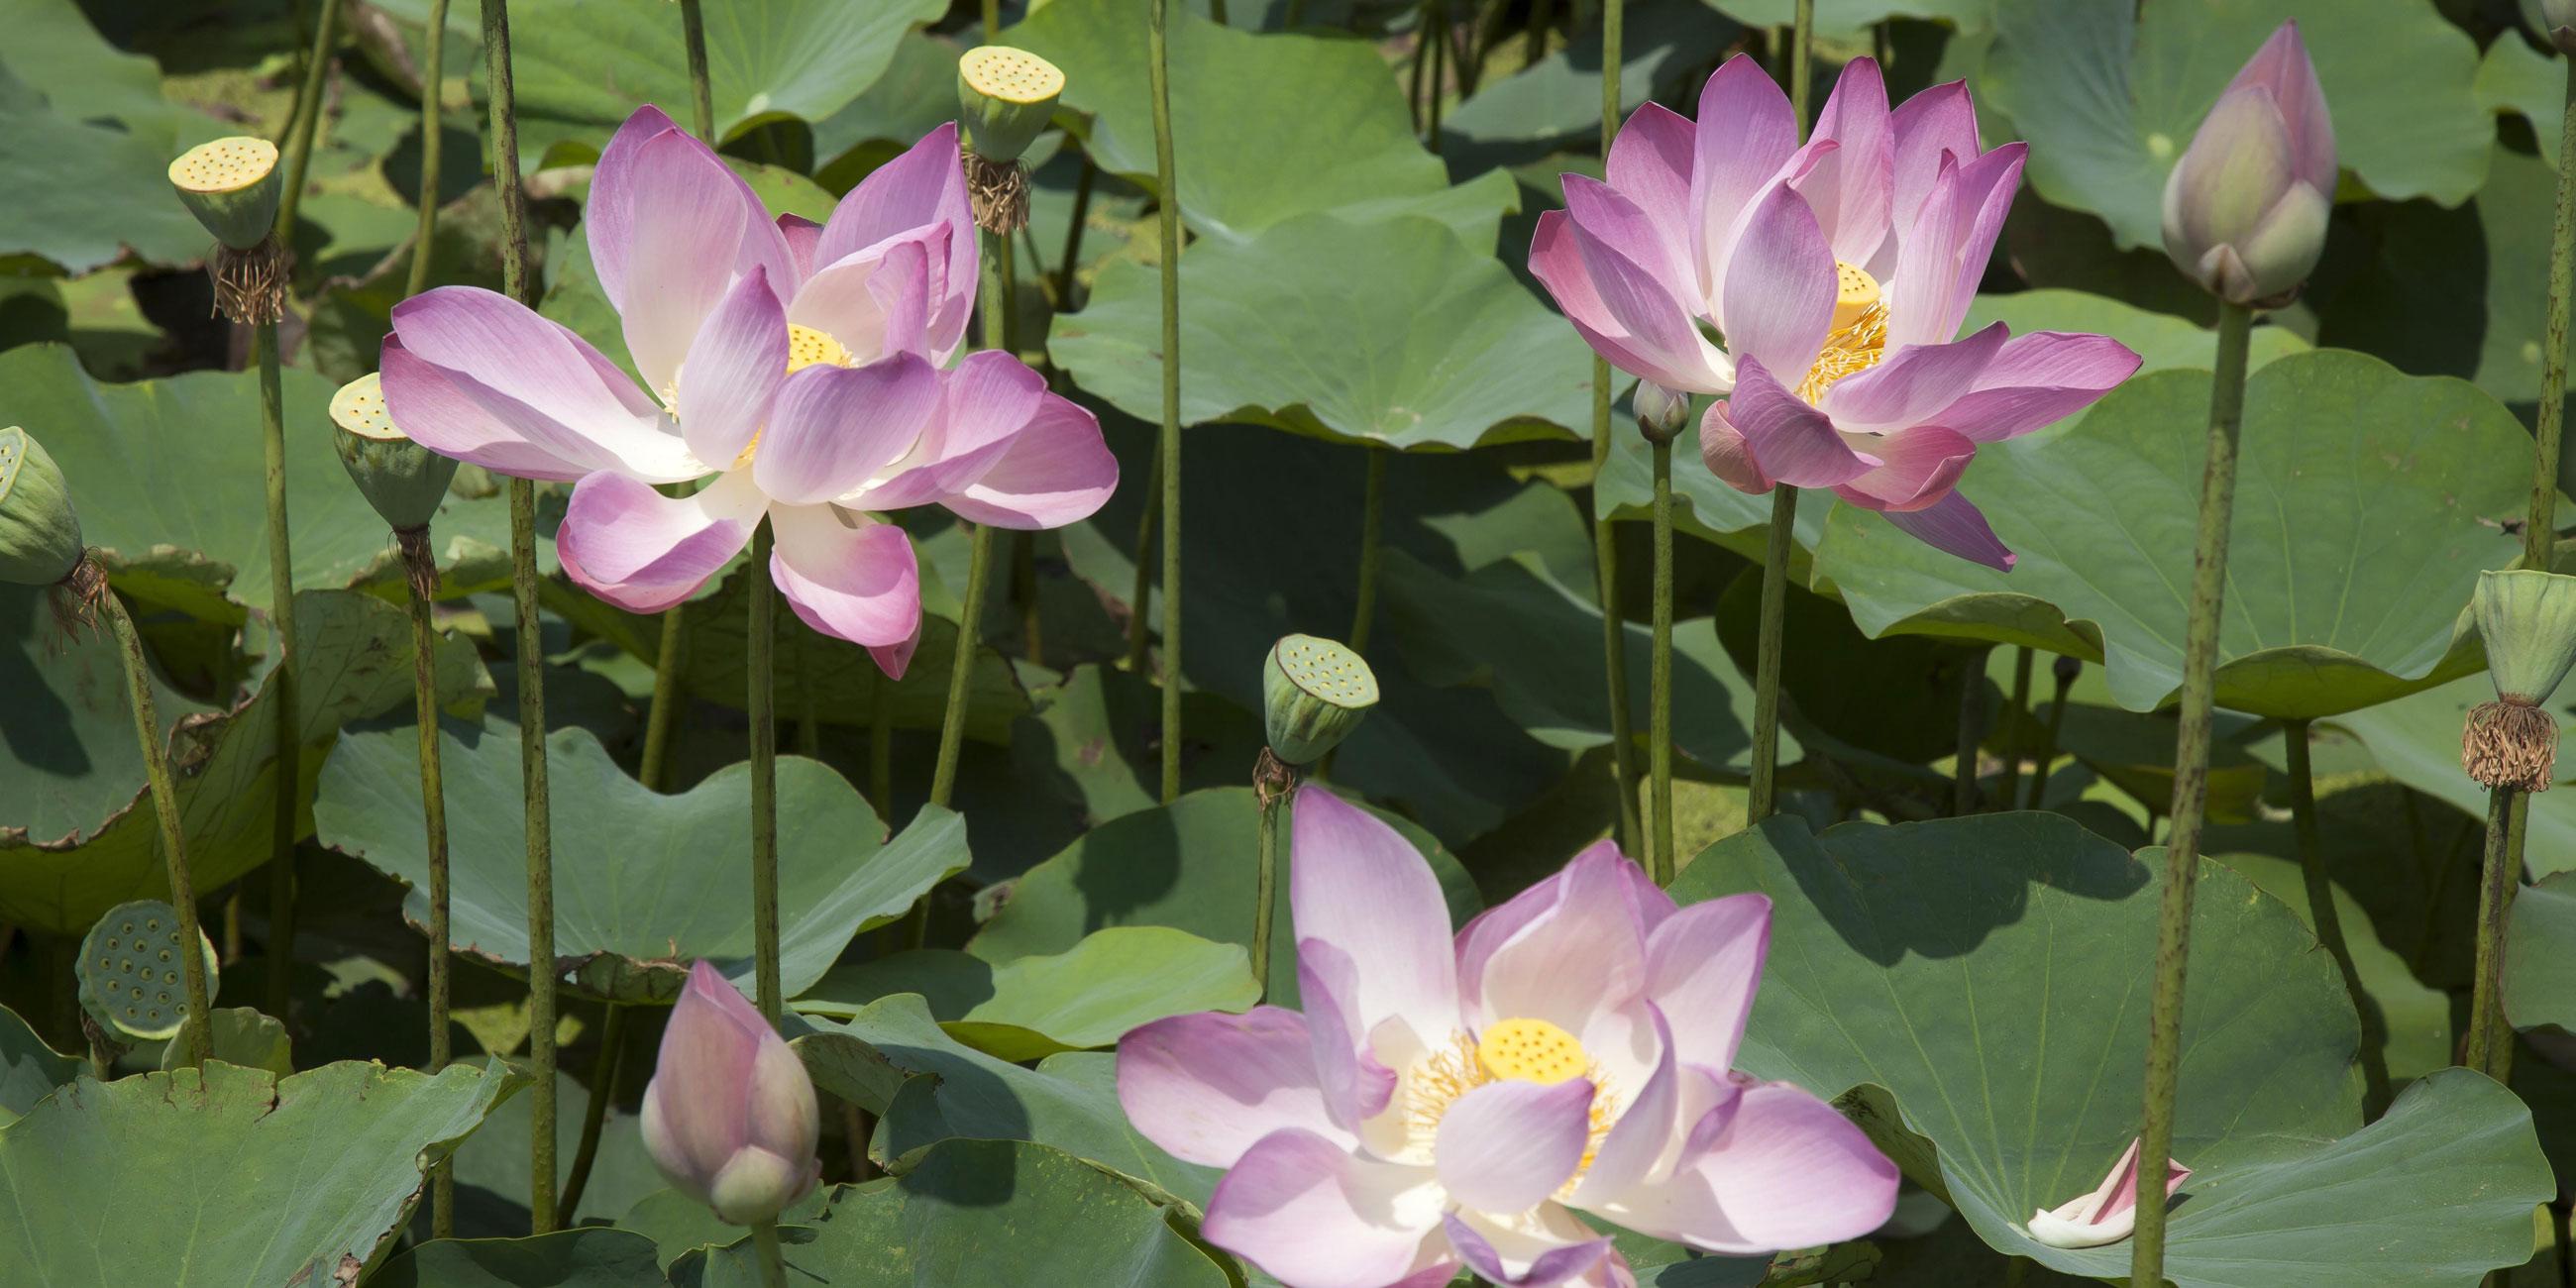 Лотосы цветут с июля по сентябрь - это лучшее время для поездки сюдаФото: globallookpress.com